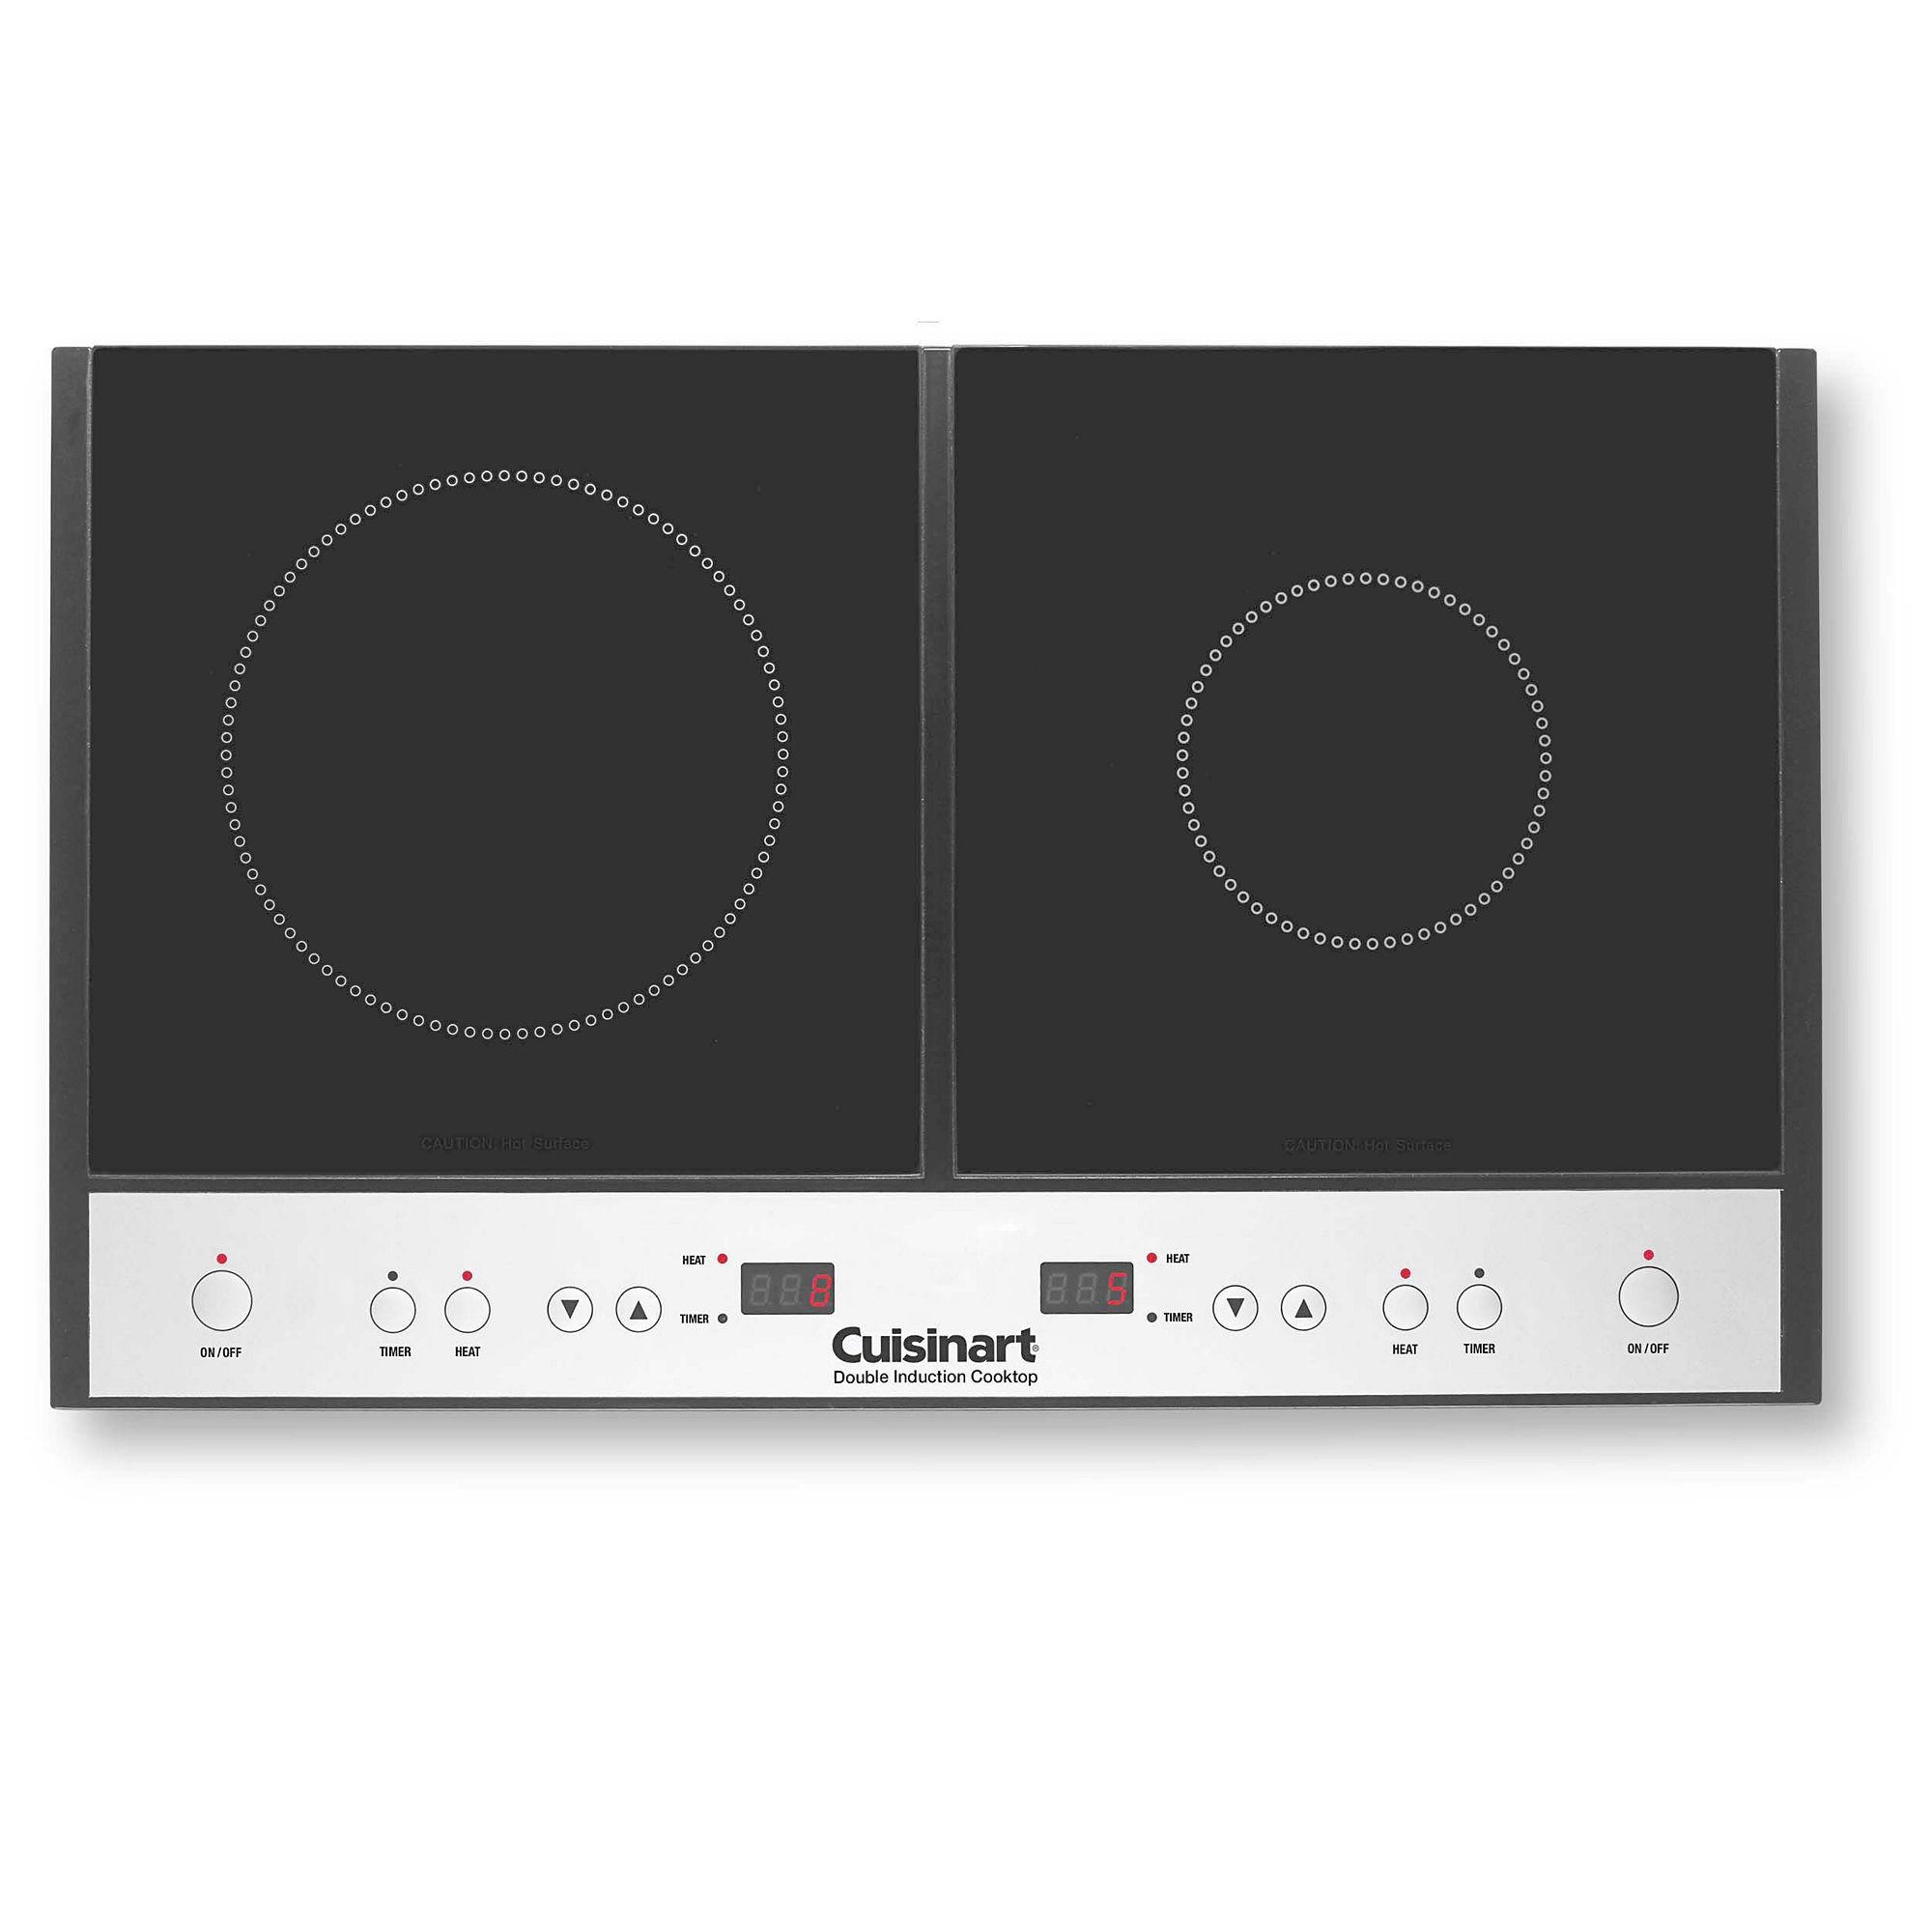 Cuisinart Ict-60 Electric Burner